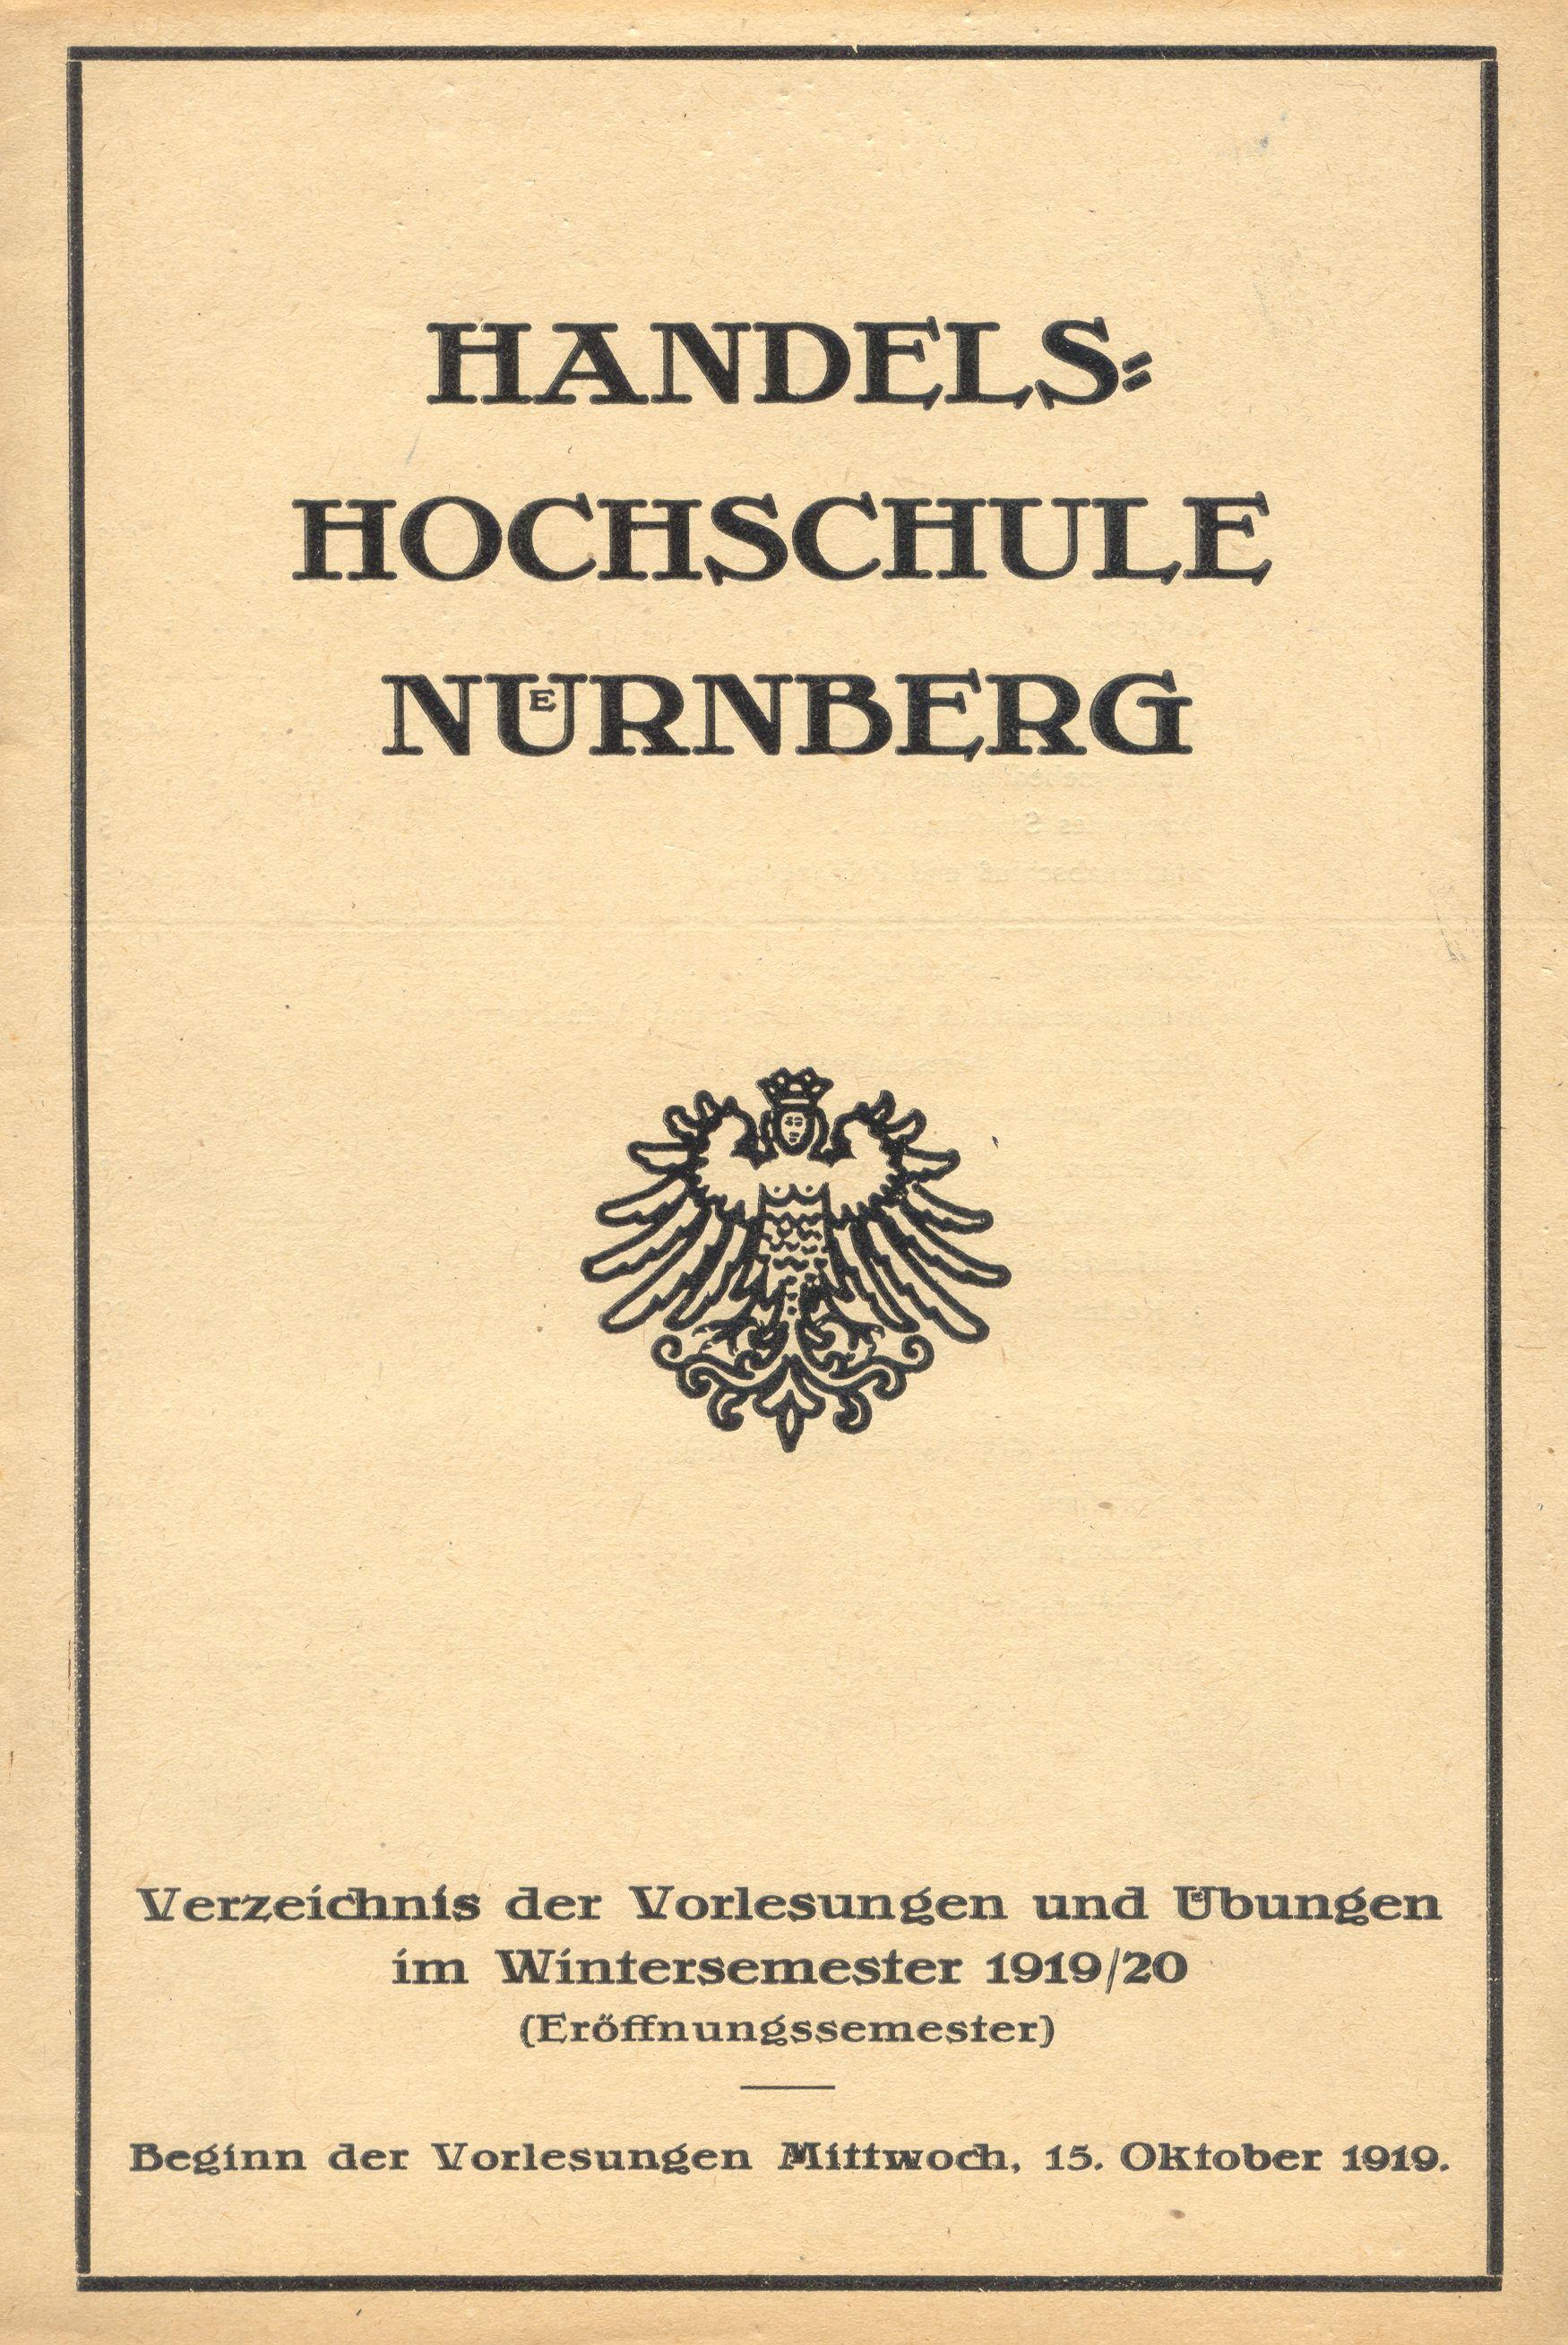 Das Vorlesungsverzeichnis des Eröffnungssemesters